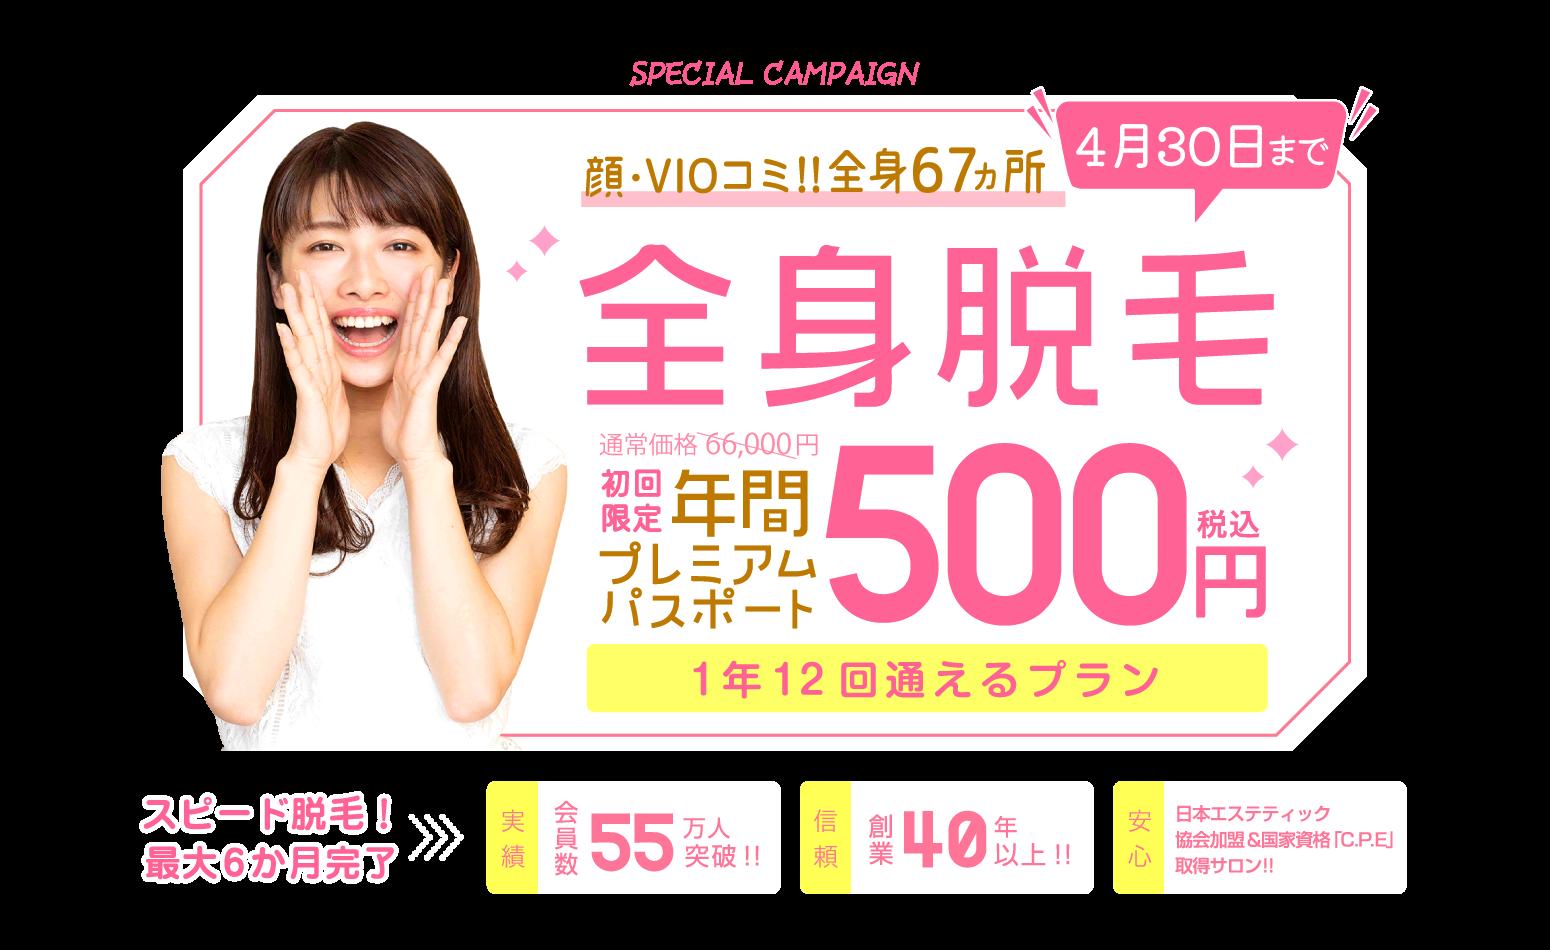 顔からVIOを含む全身脱毛が500円今年最後のビッグセールキャンペーン!1年12回通えるプレミアムパス